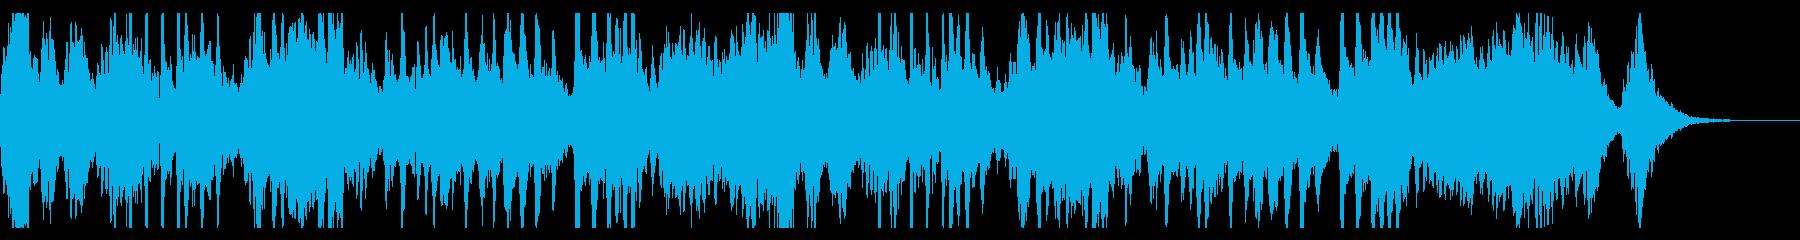 ホラーな近未来的BGMの再生済みの波形